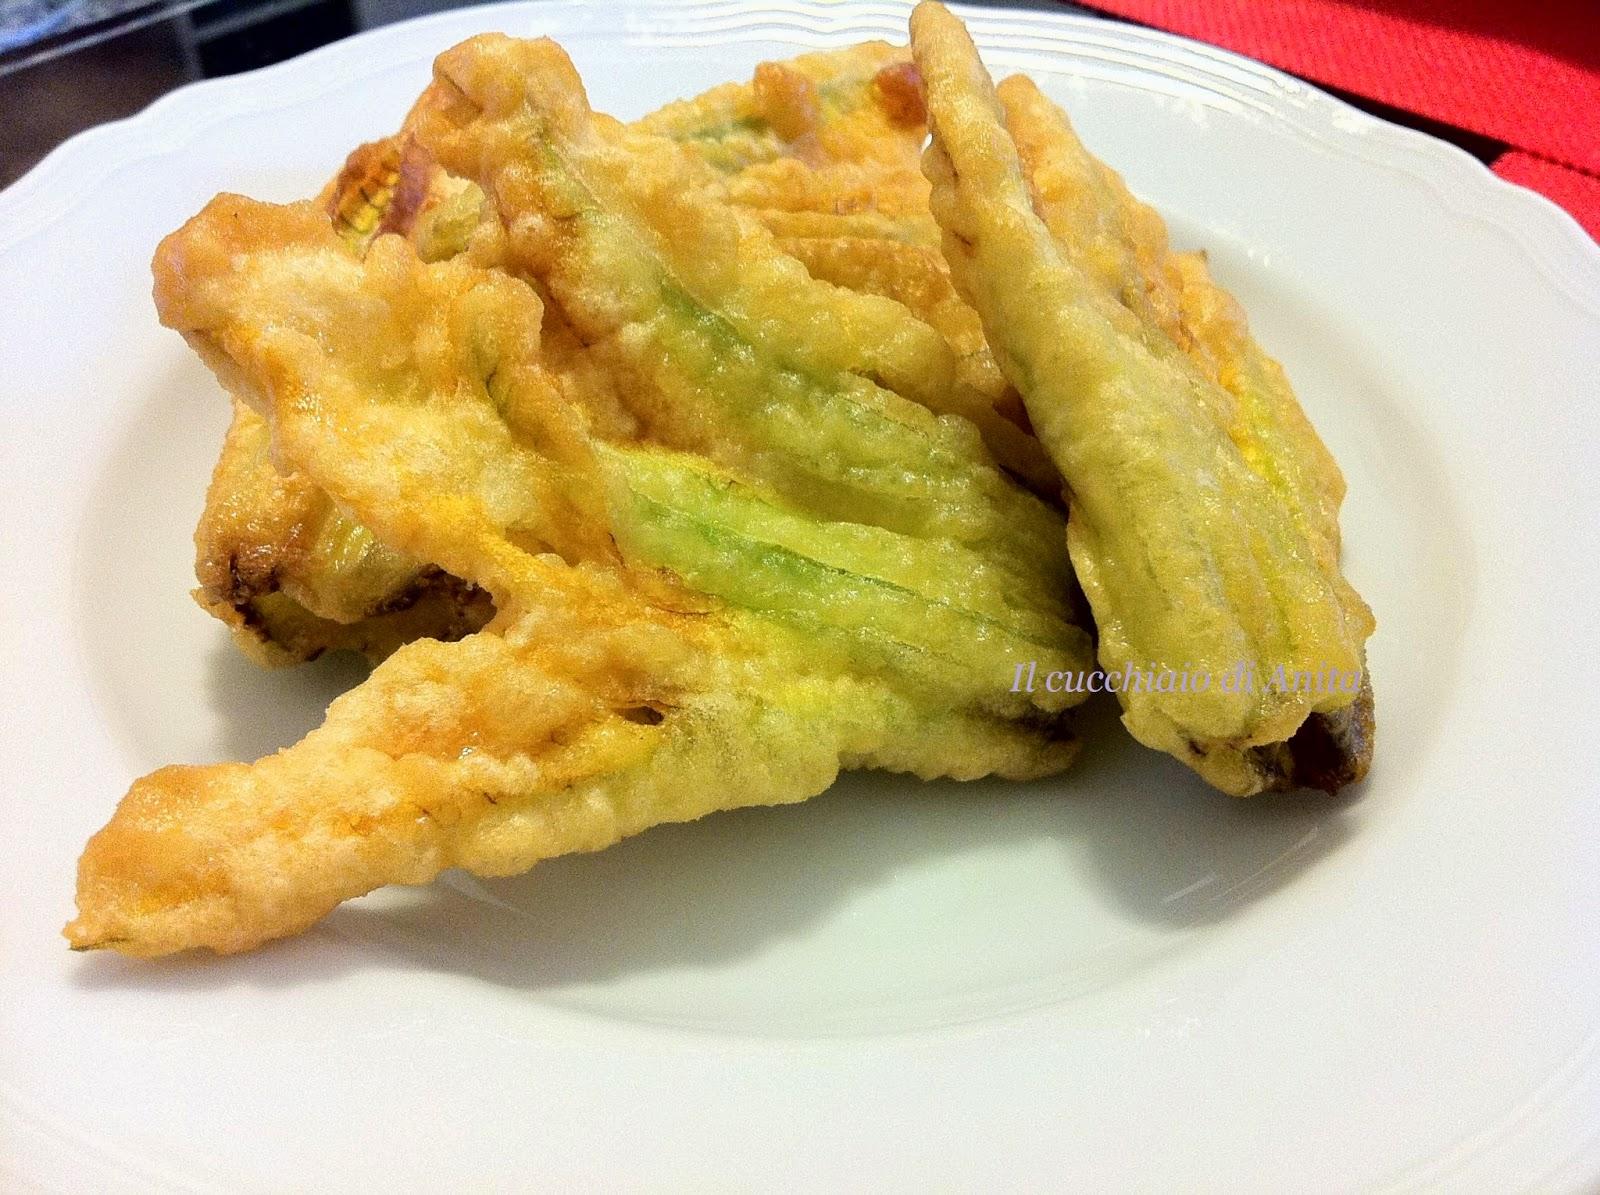 fiori di zucca fritti al sale di cervia